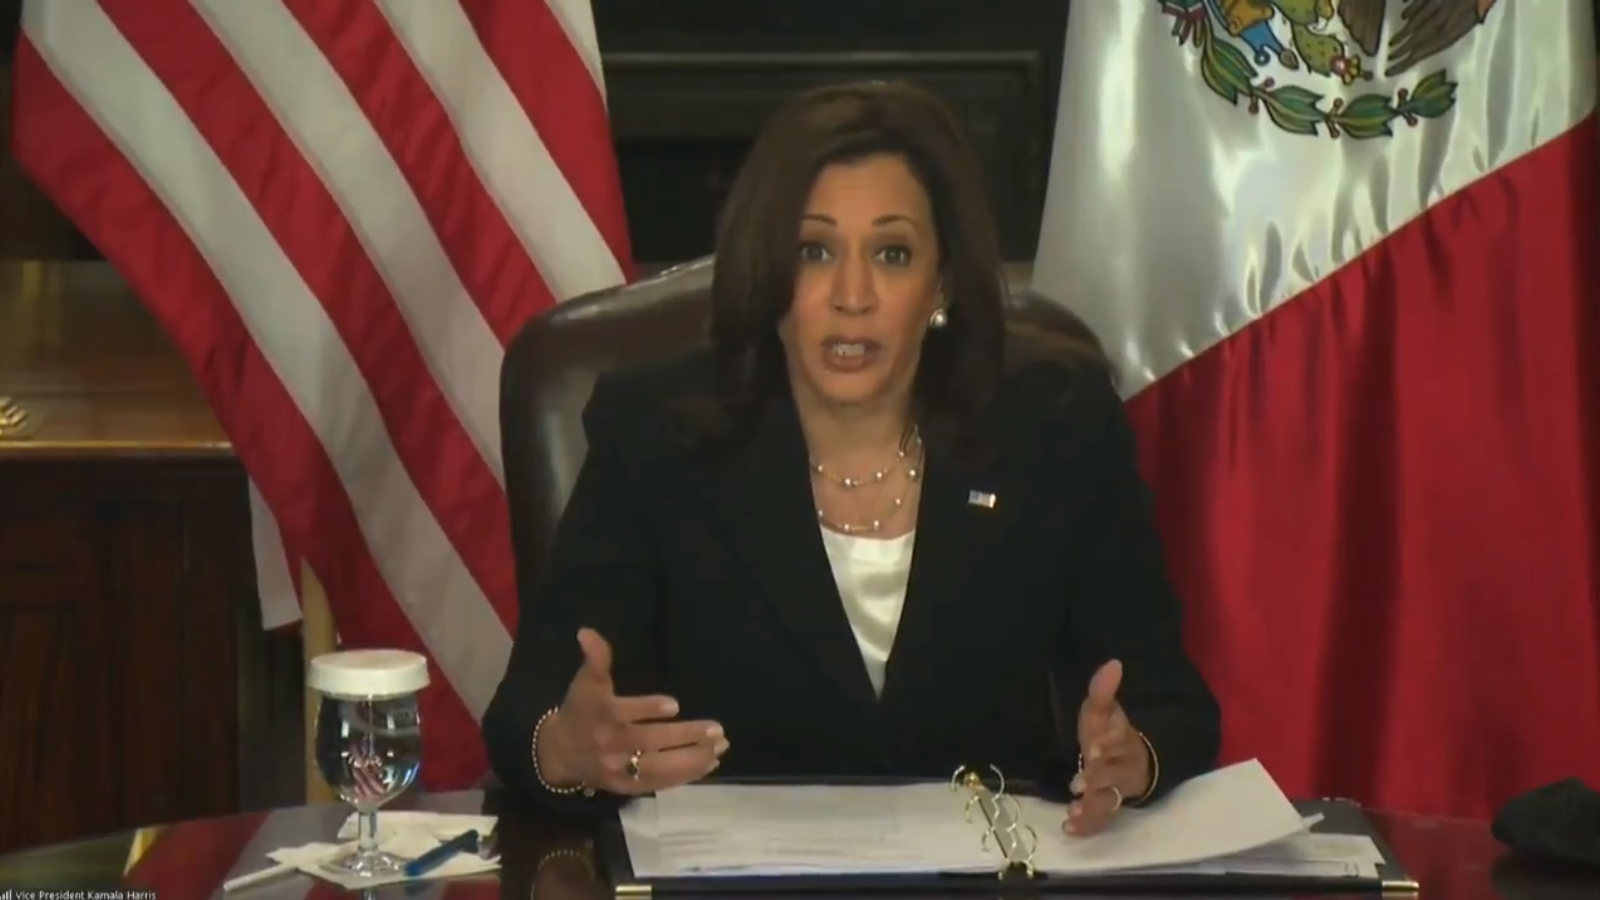 México y EU pactan fortalecer la seguridad fronteriza, combatir narco y tráfico de personas